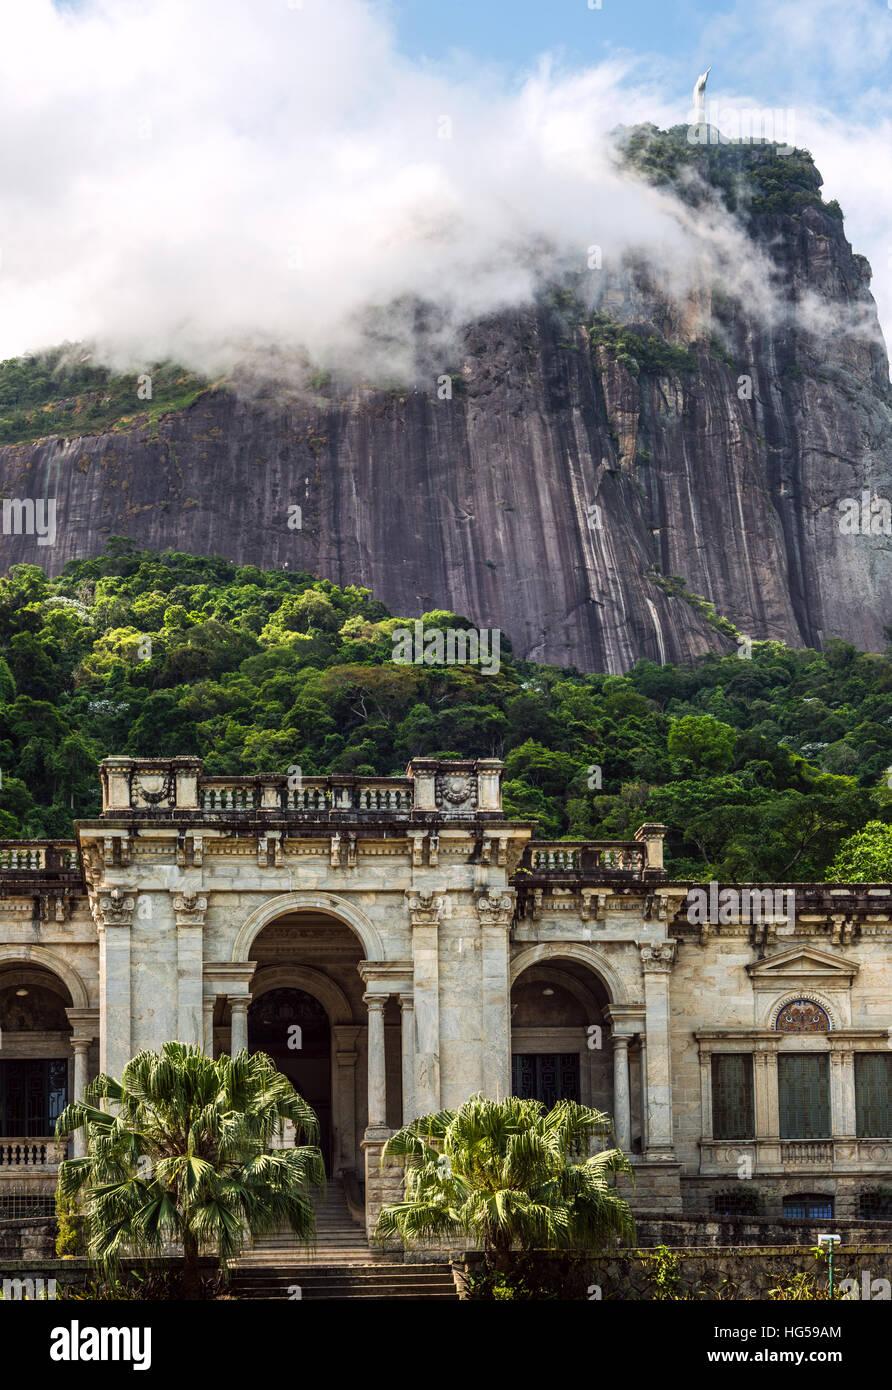 Rio de Janeiro, Brésil - le 3 janvier 2017: l'architecture italienne style dans le Parque Lage. Il est maintenant une école d'Arts Visuels de Rio de Janeiro Banque D'Images